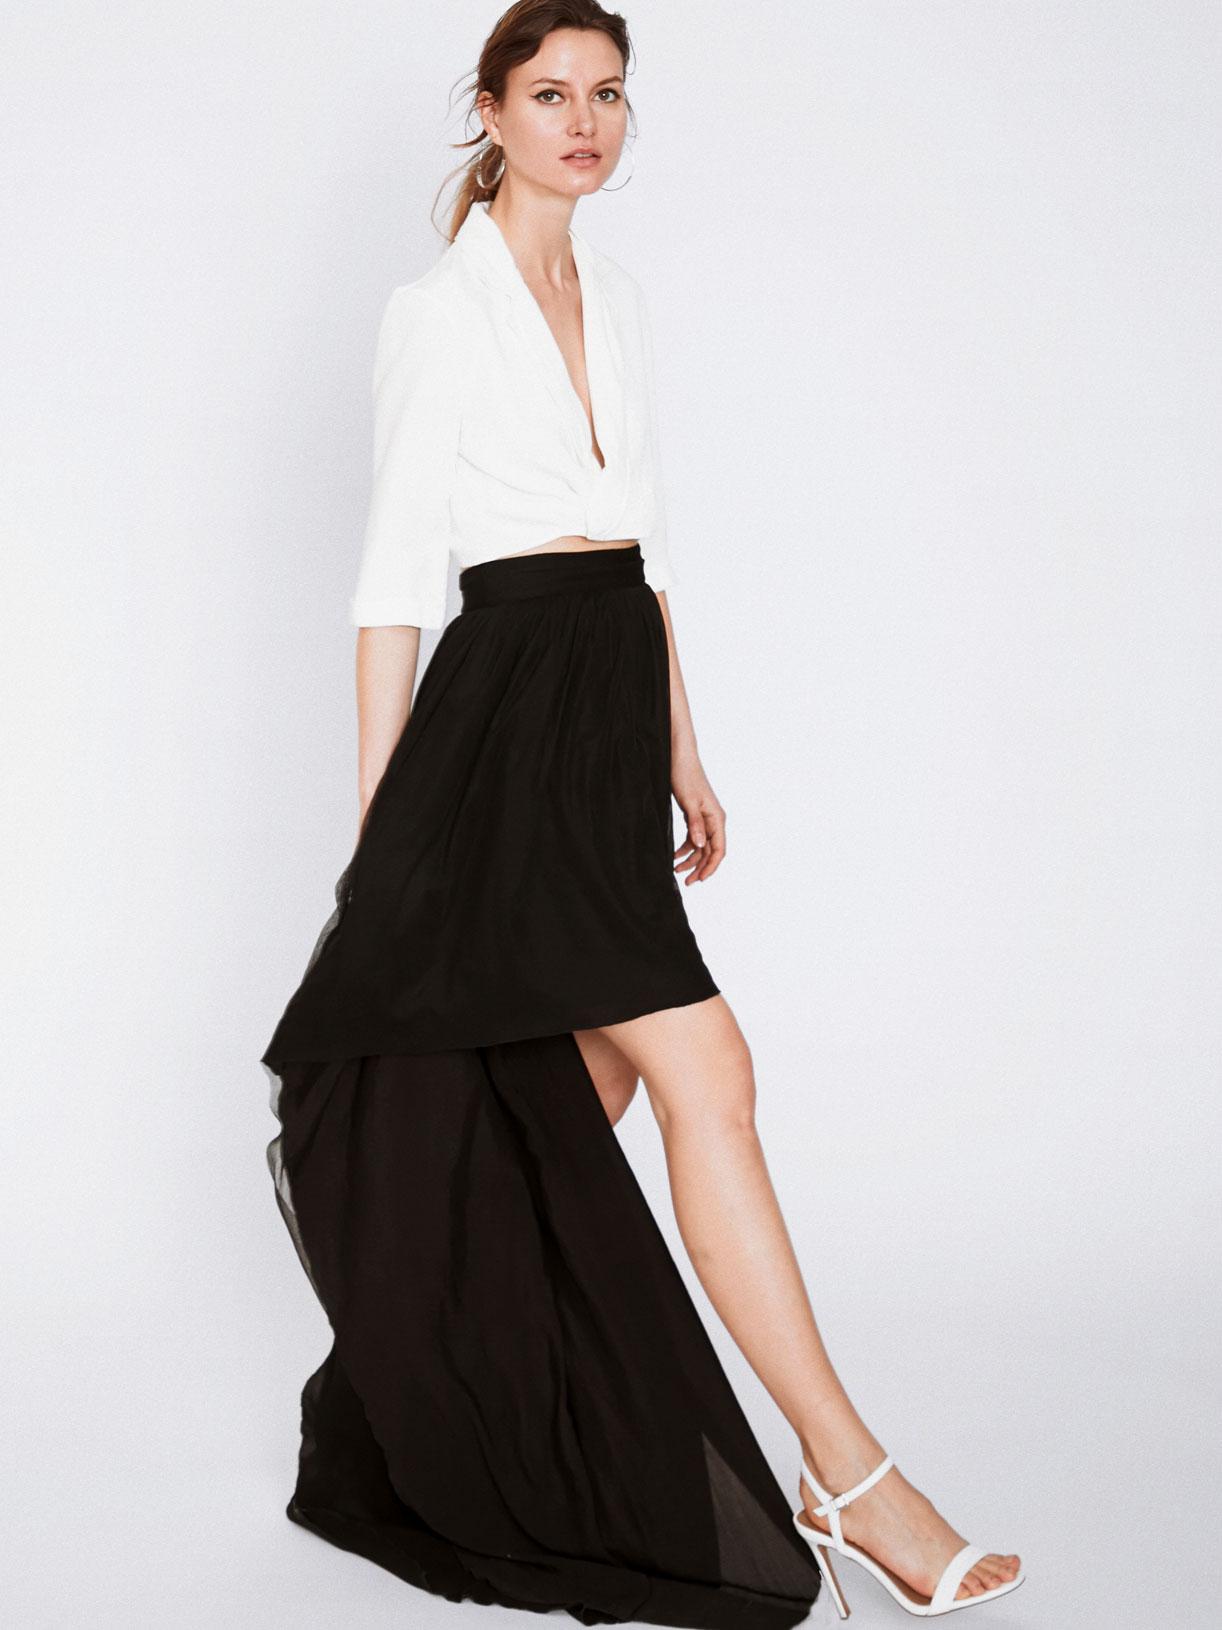 jupe tenue d'invitee mariage et soiree noire asymetrique écoresponsable - Creatrice de mode éthique et bio a Paris - Myphilosophy